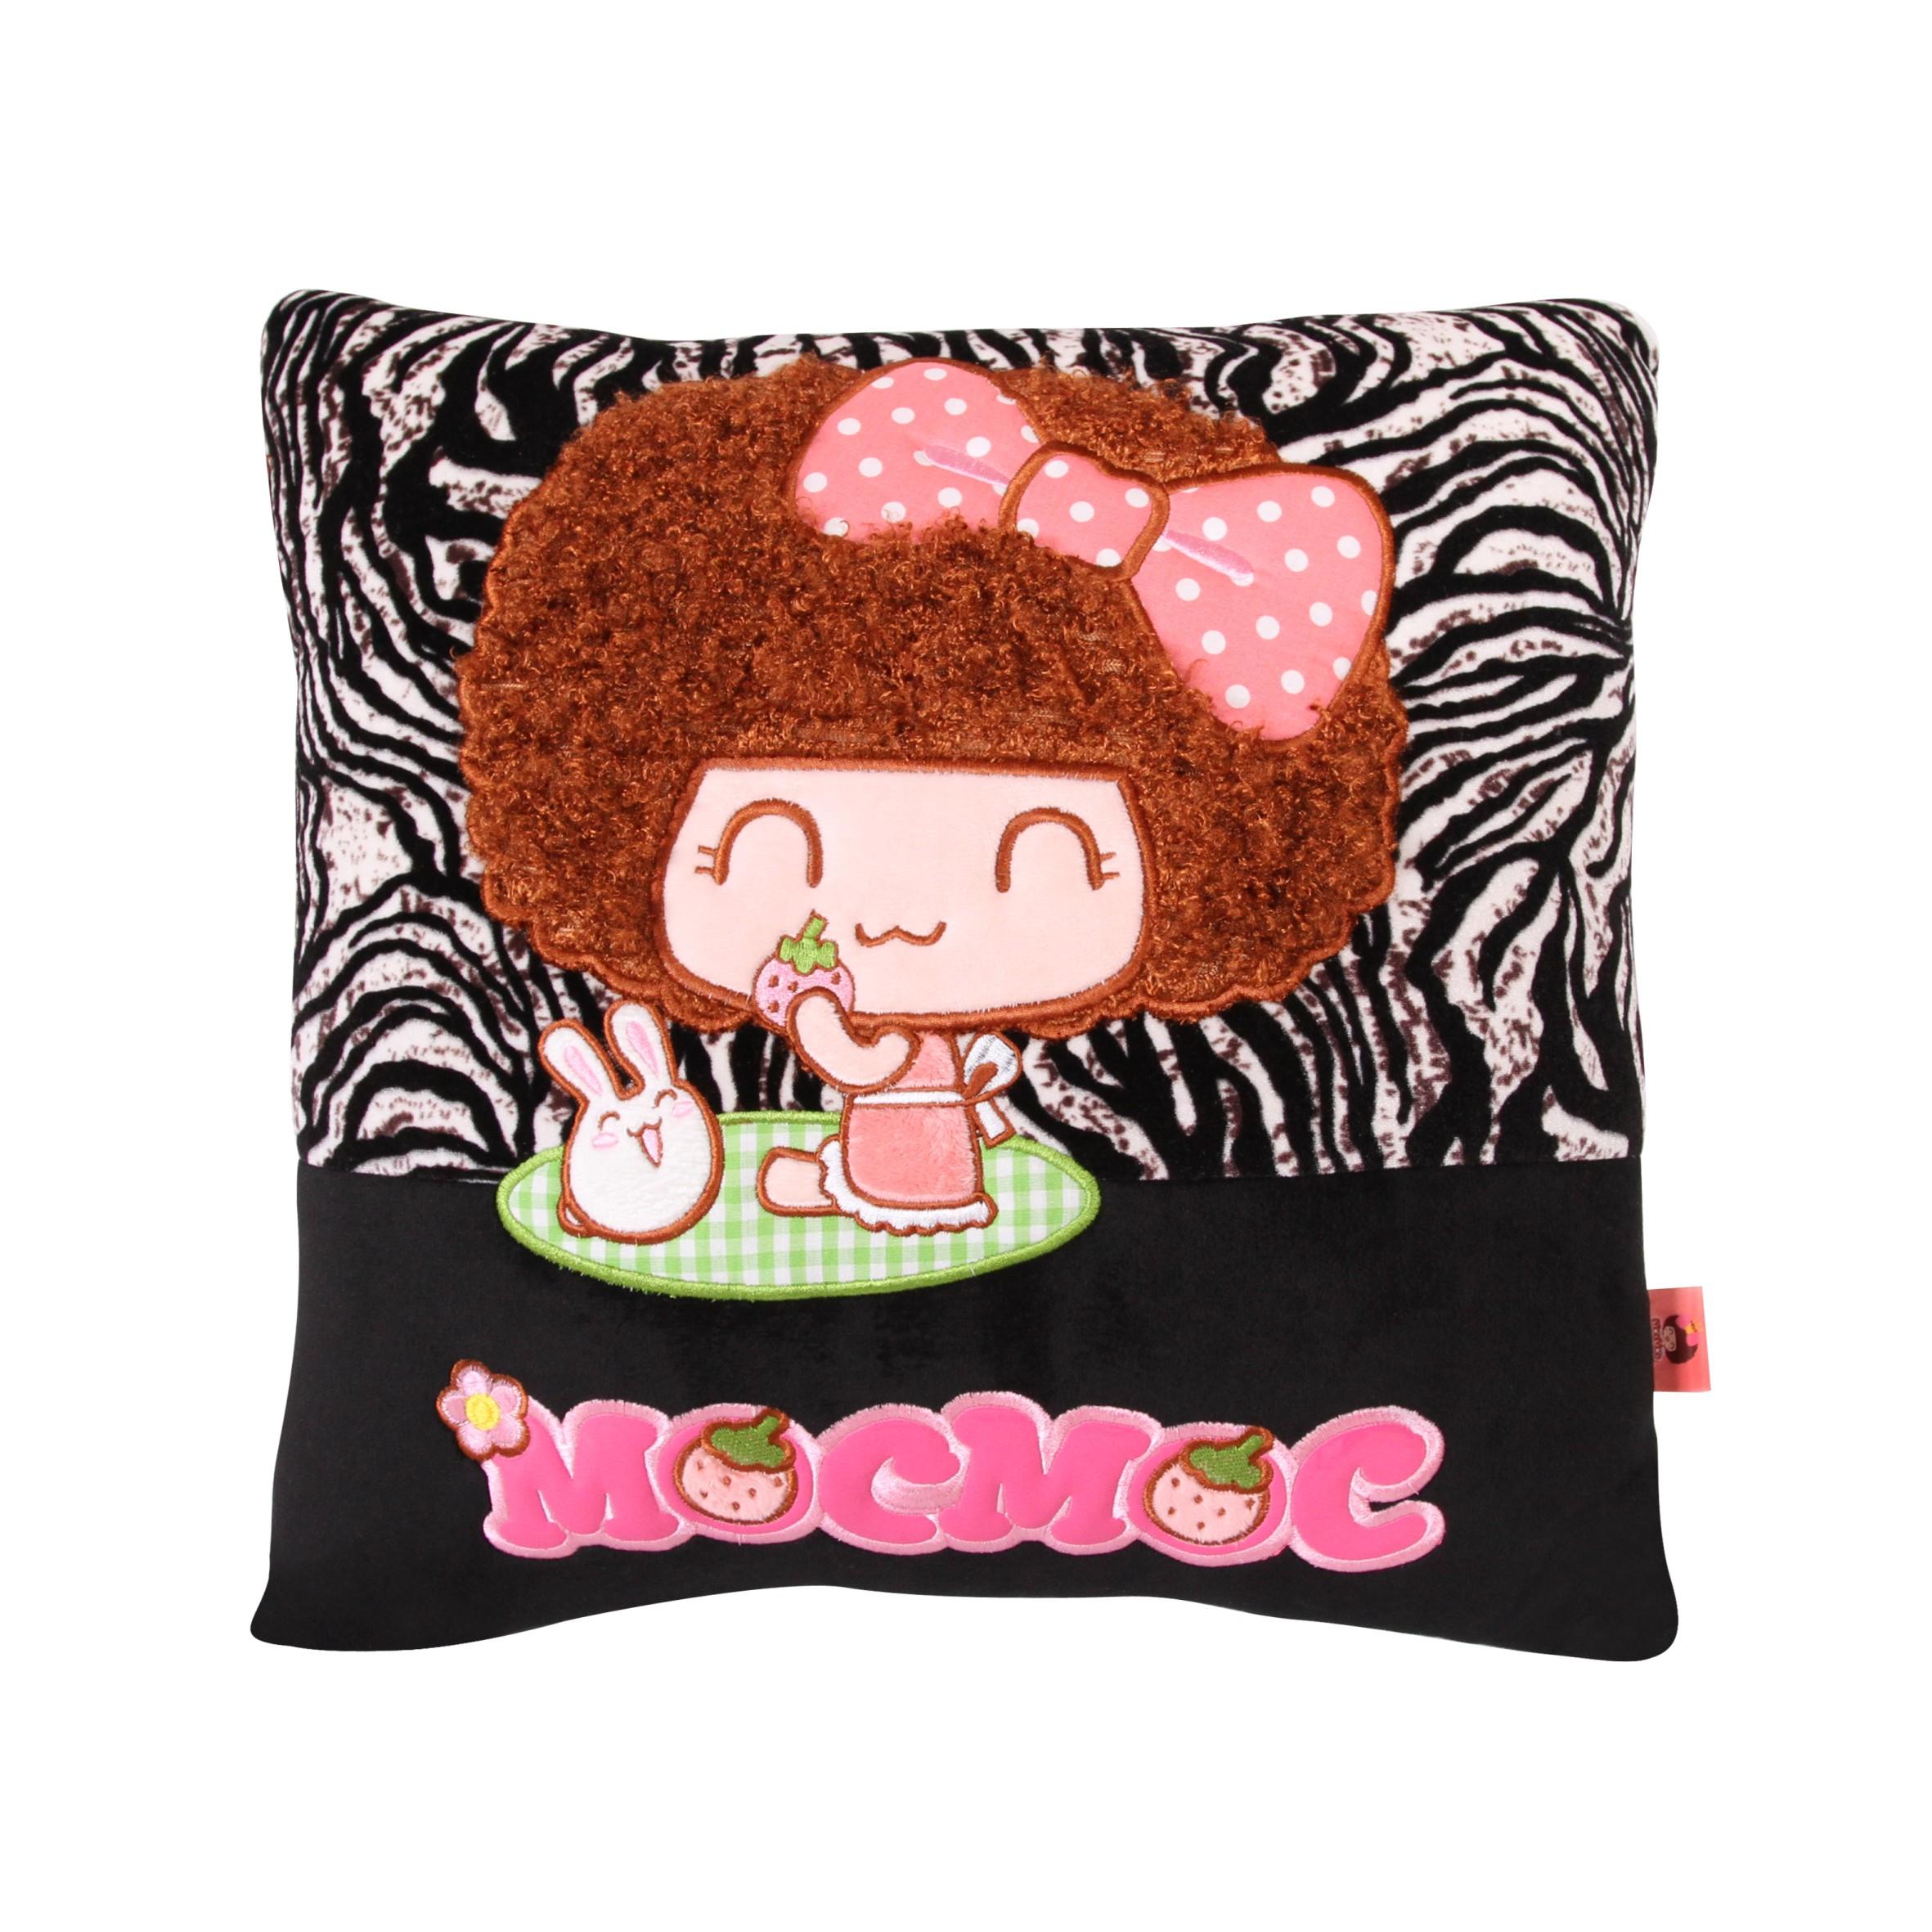 正版mocmoc摩丝娃娃田园系列毛绒方形抱枕 创意车用靠垫可爱卡通沙发